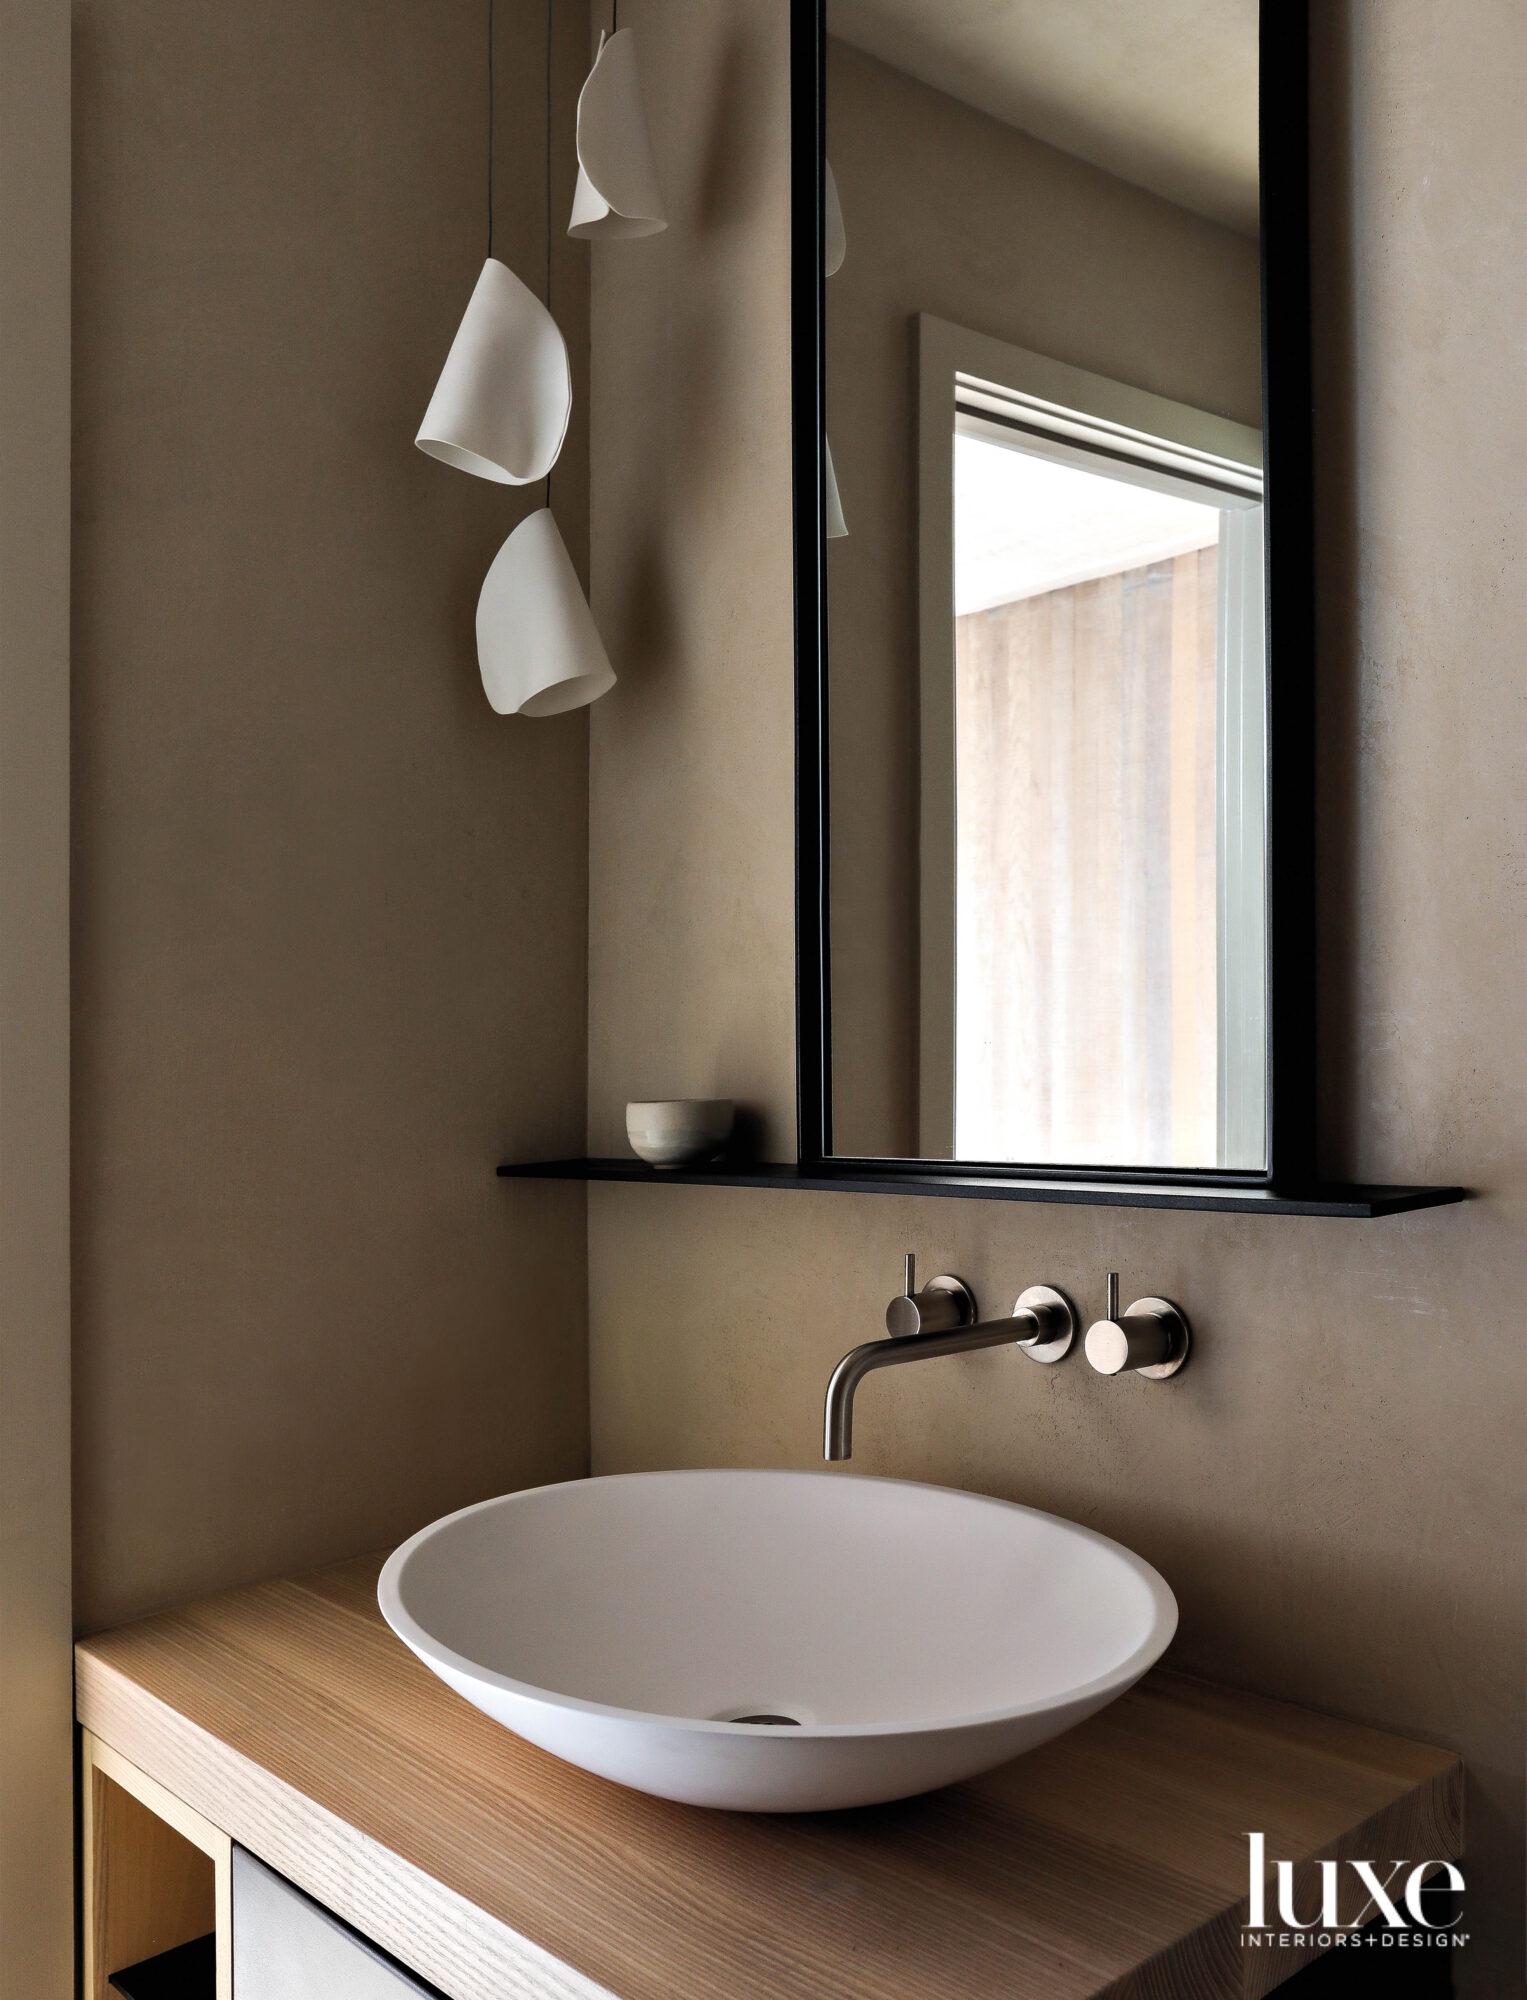 Detail of powder room vanity